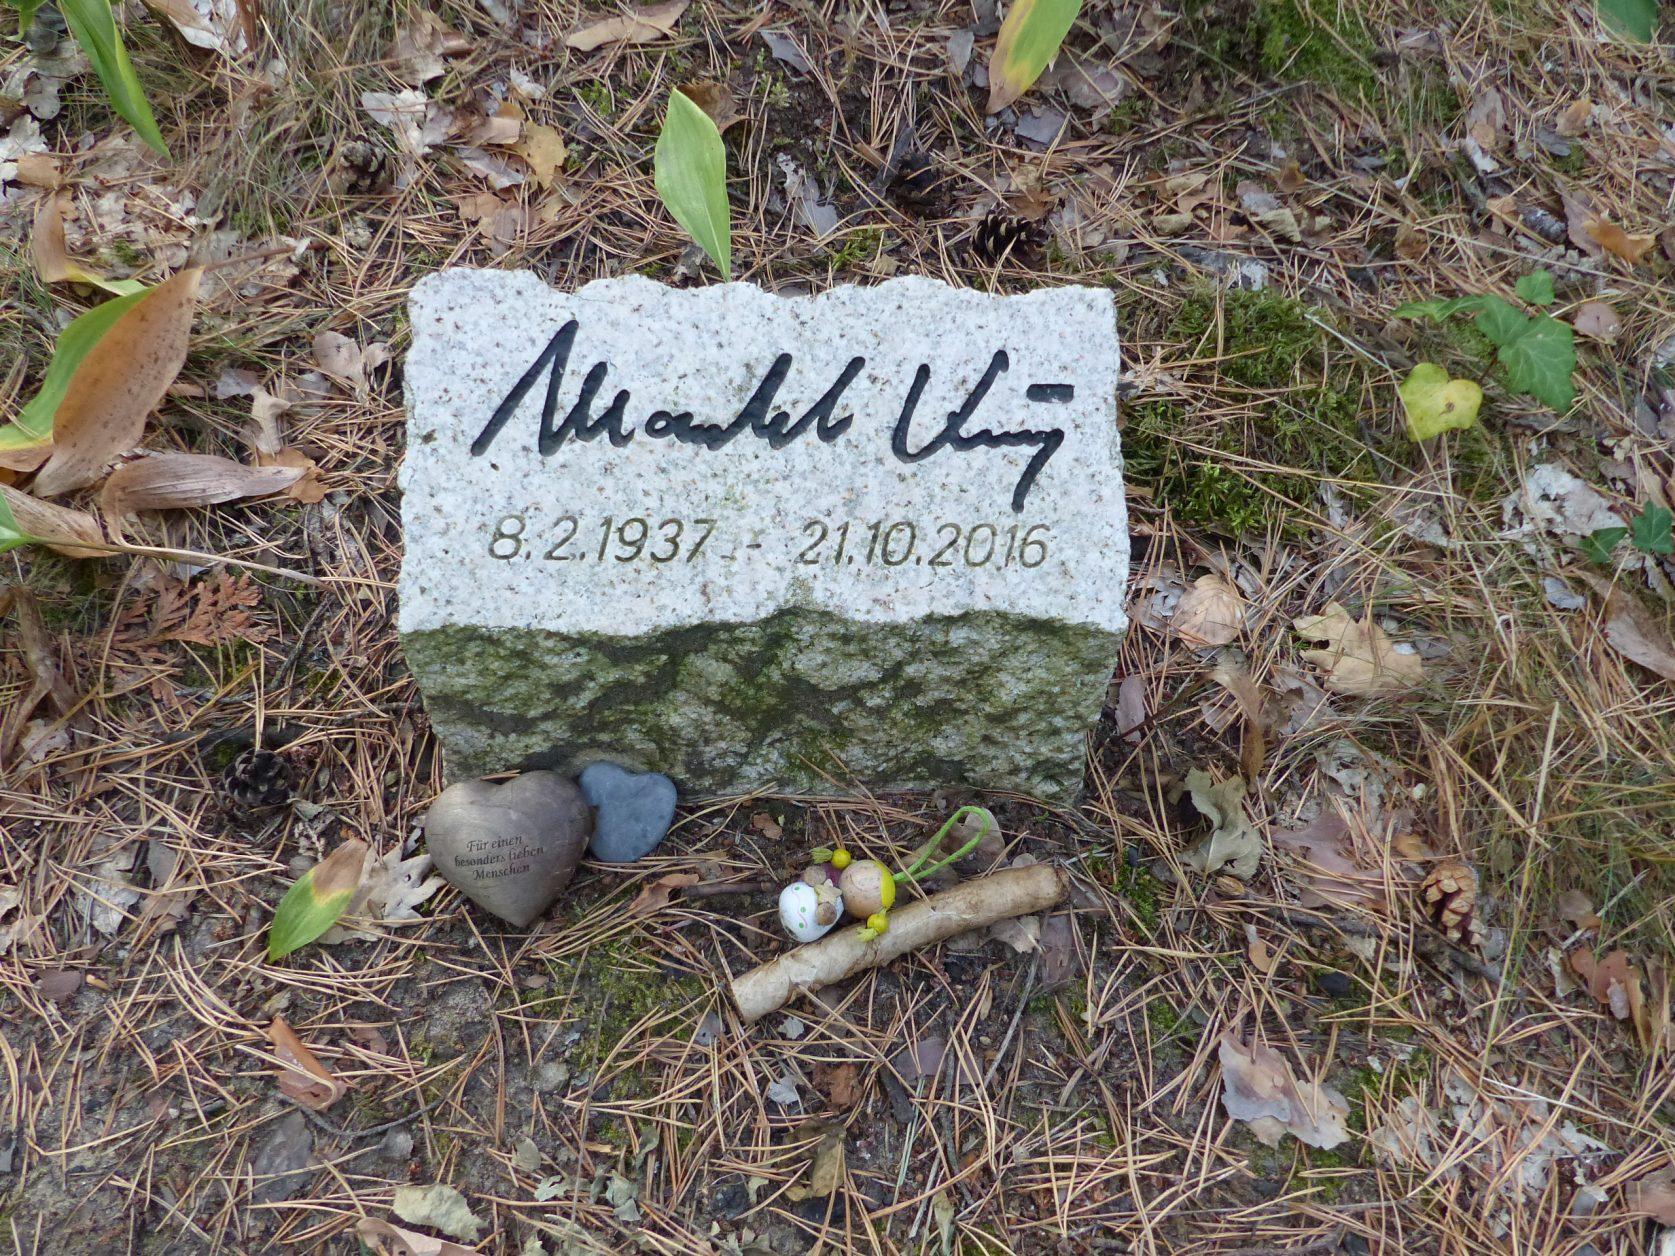 Unbter einem Baum fand Manfred Krug Ruhe Foto: Weirauch